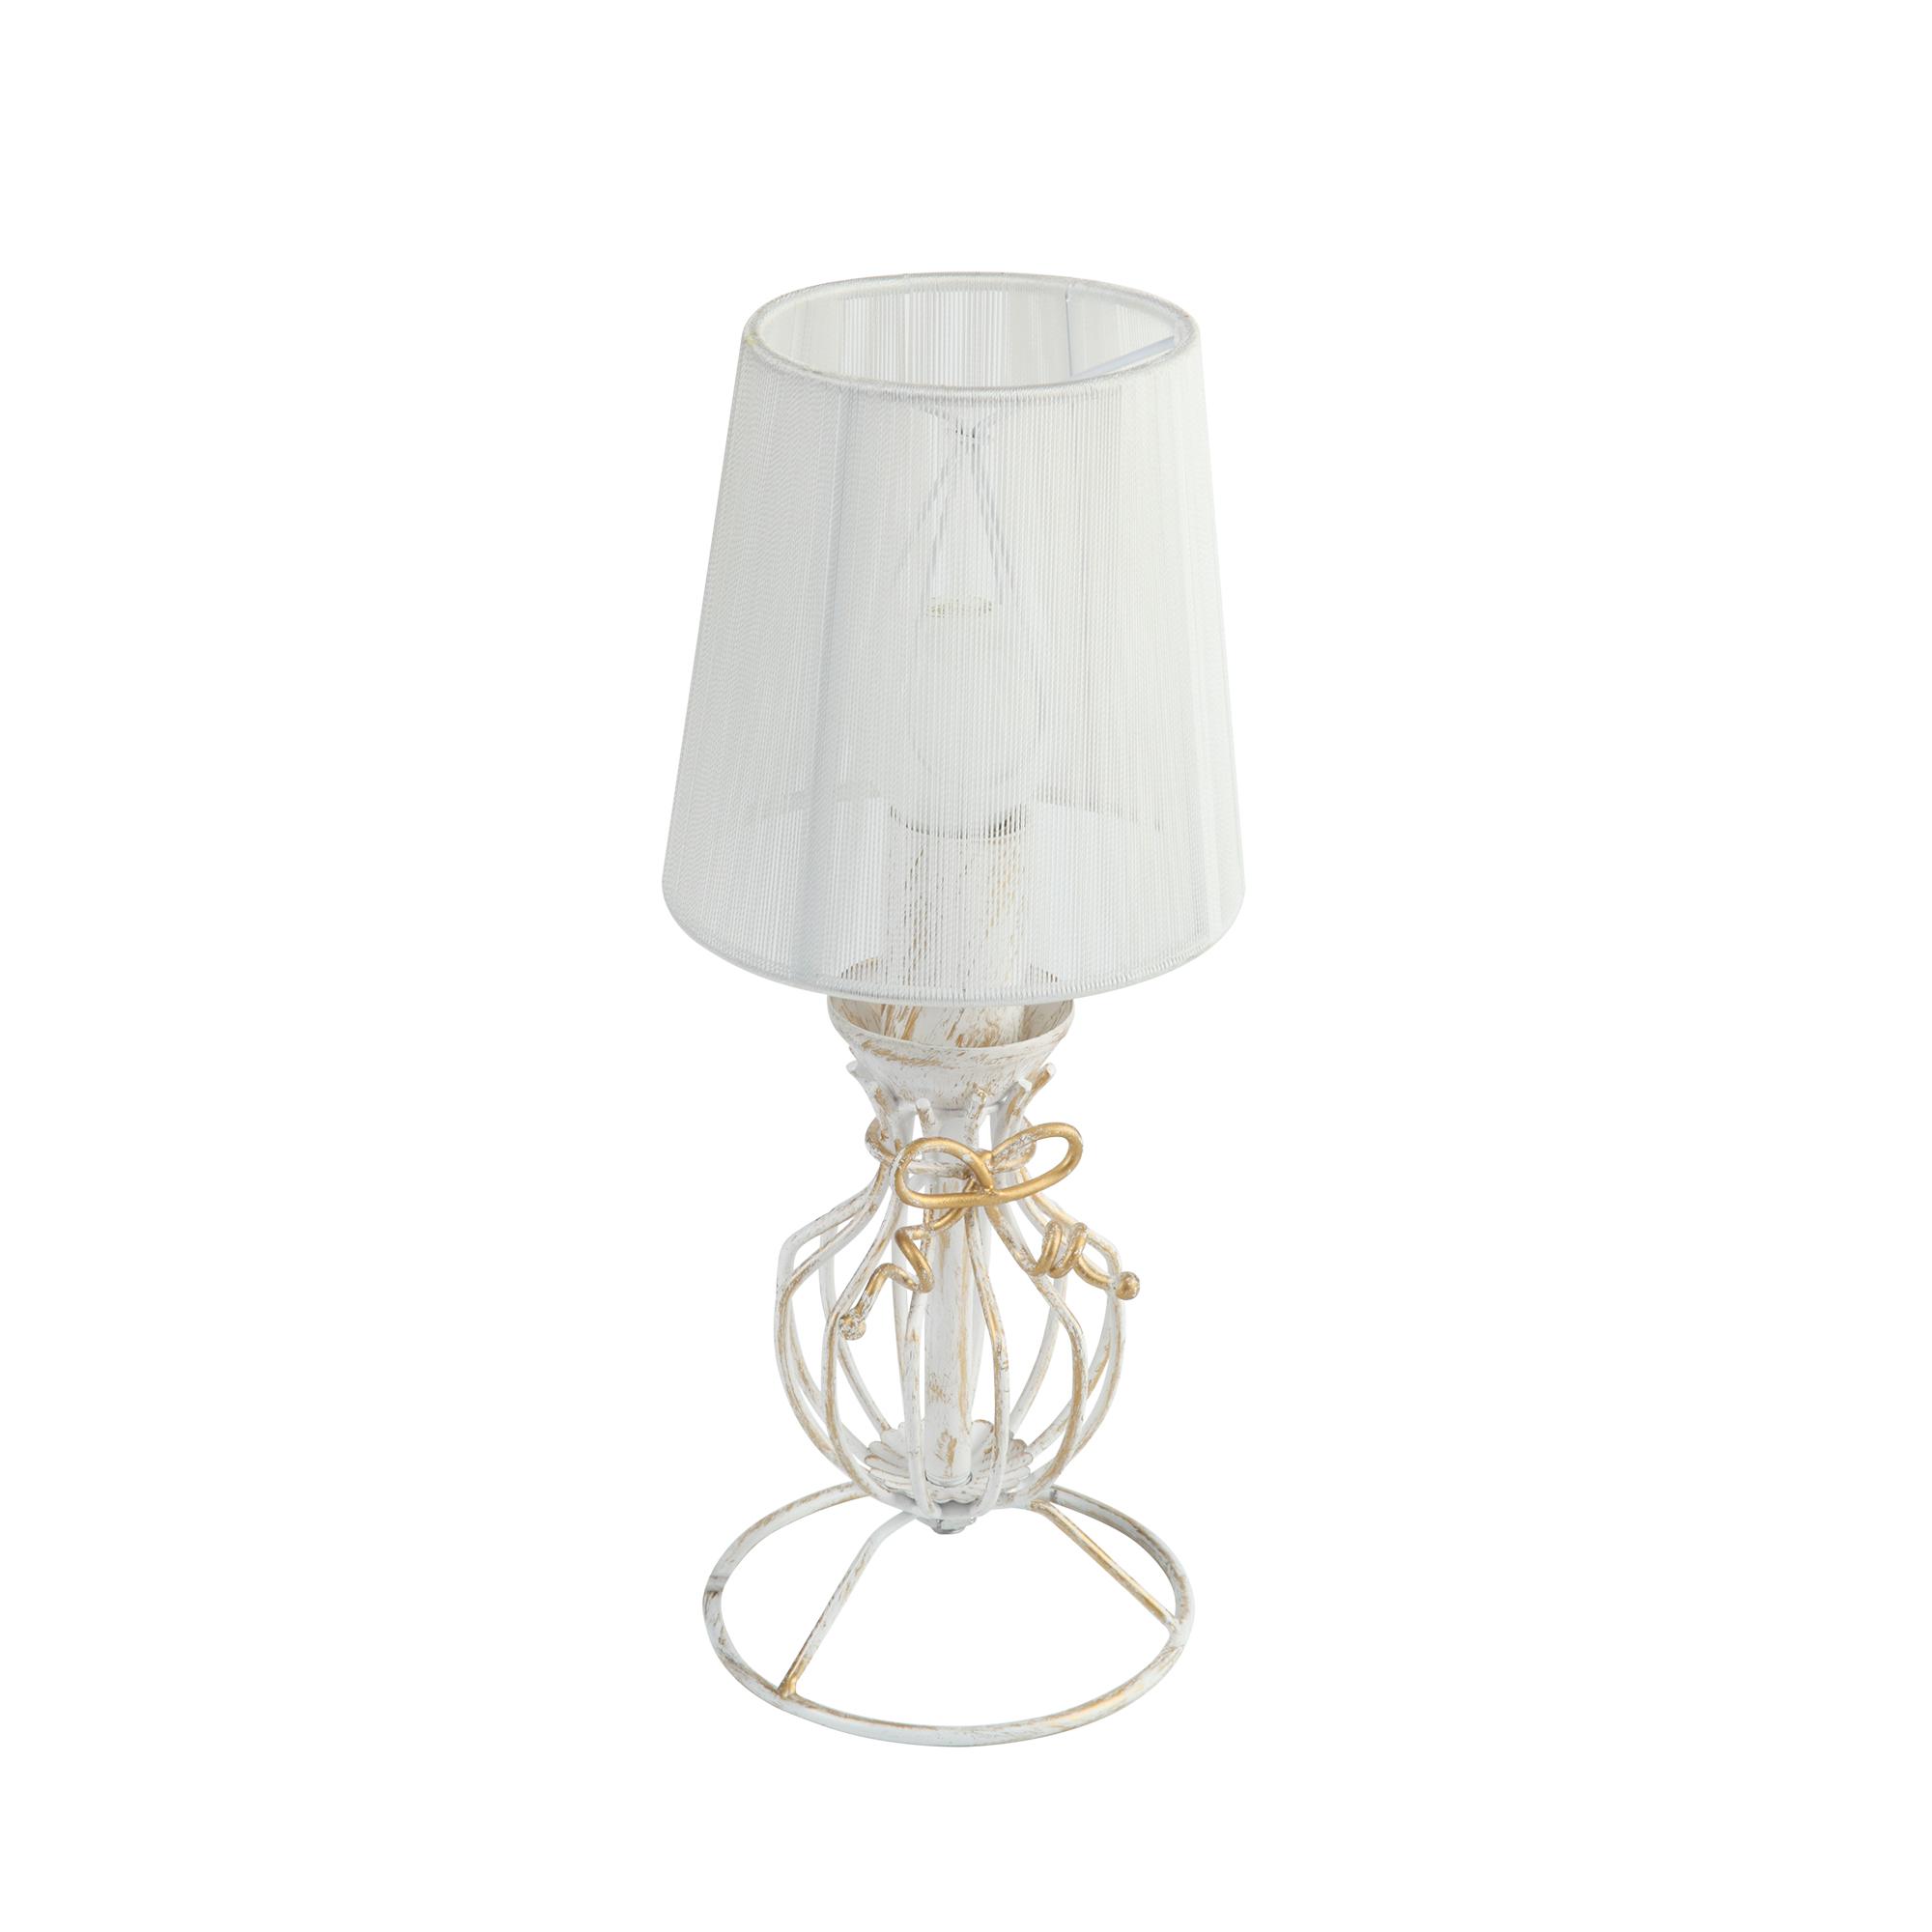 Настольный светильник V1555/1l. 1xE14 60вт